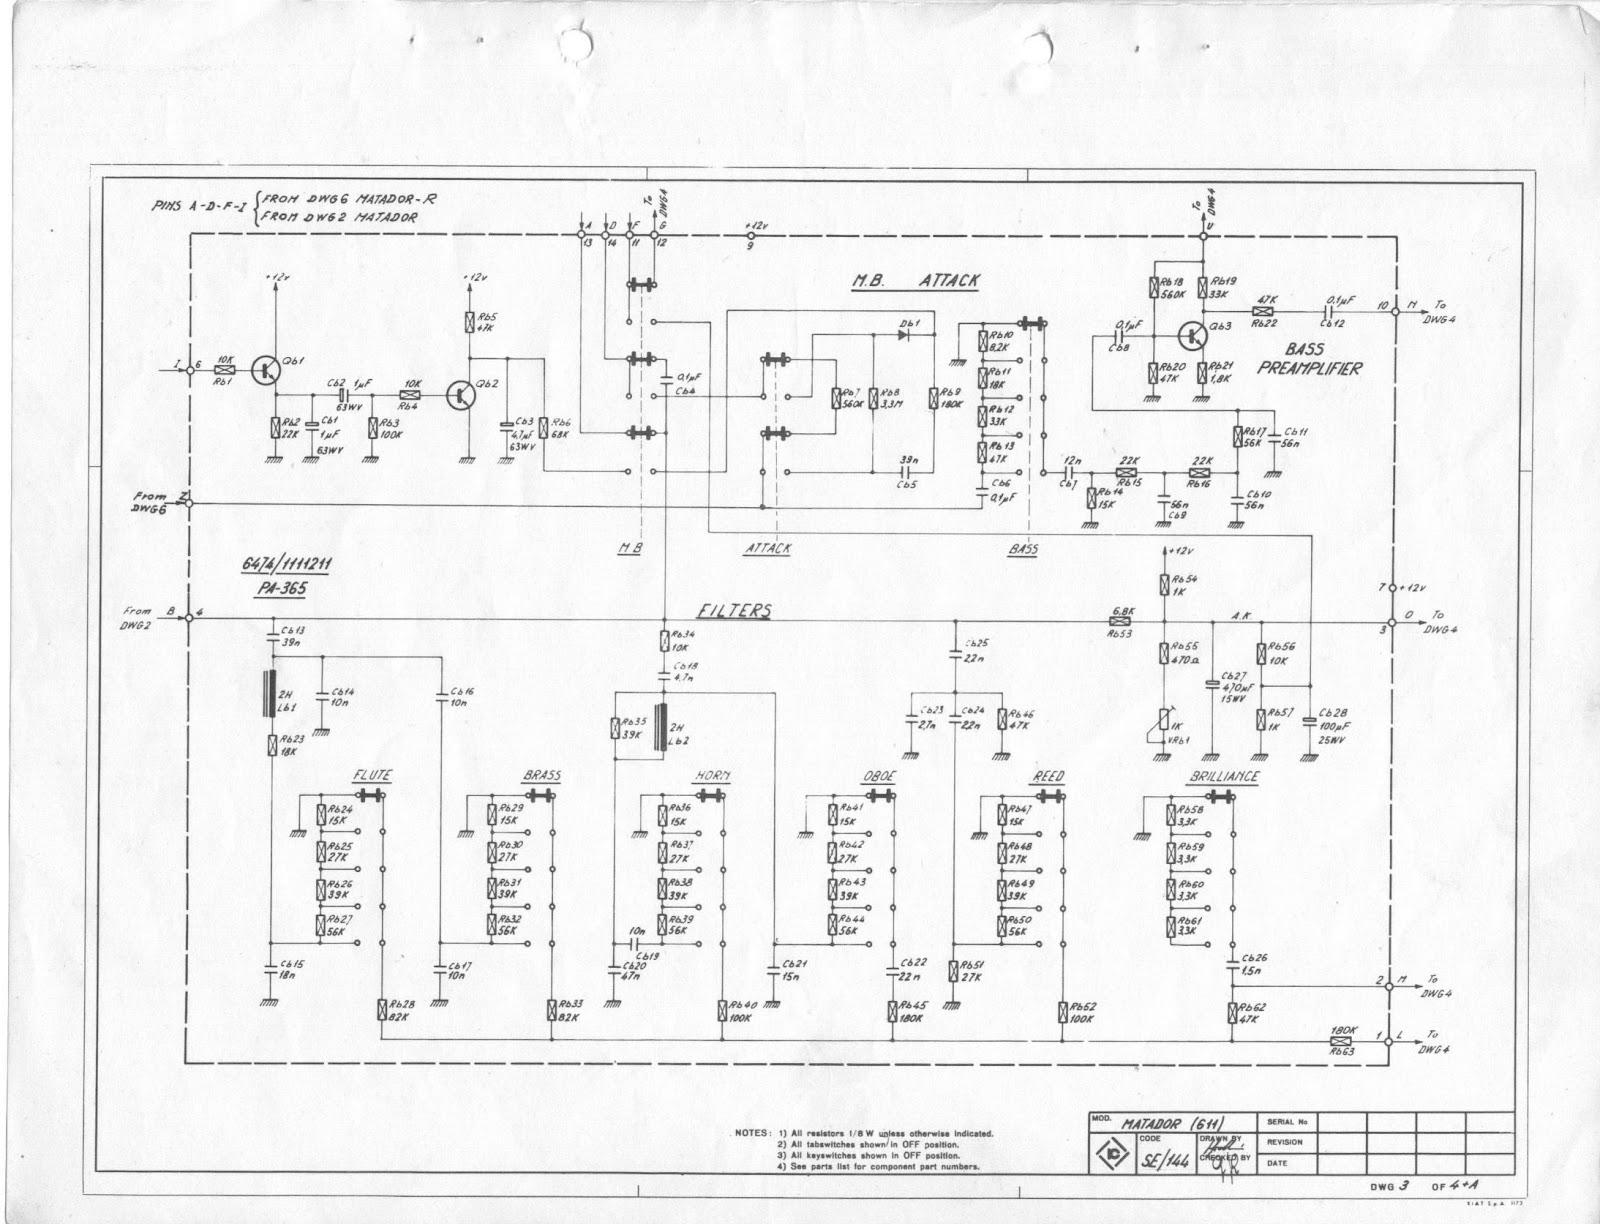 Schemi Elettrici Hi Fi : Npn circuit progetti elettronici & informatica: farfisa matador r